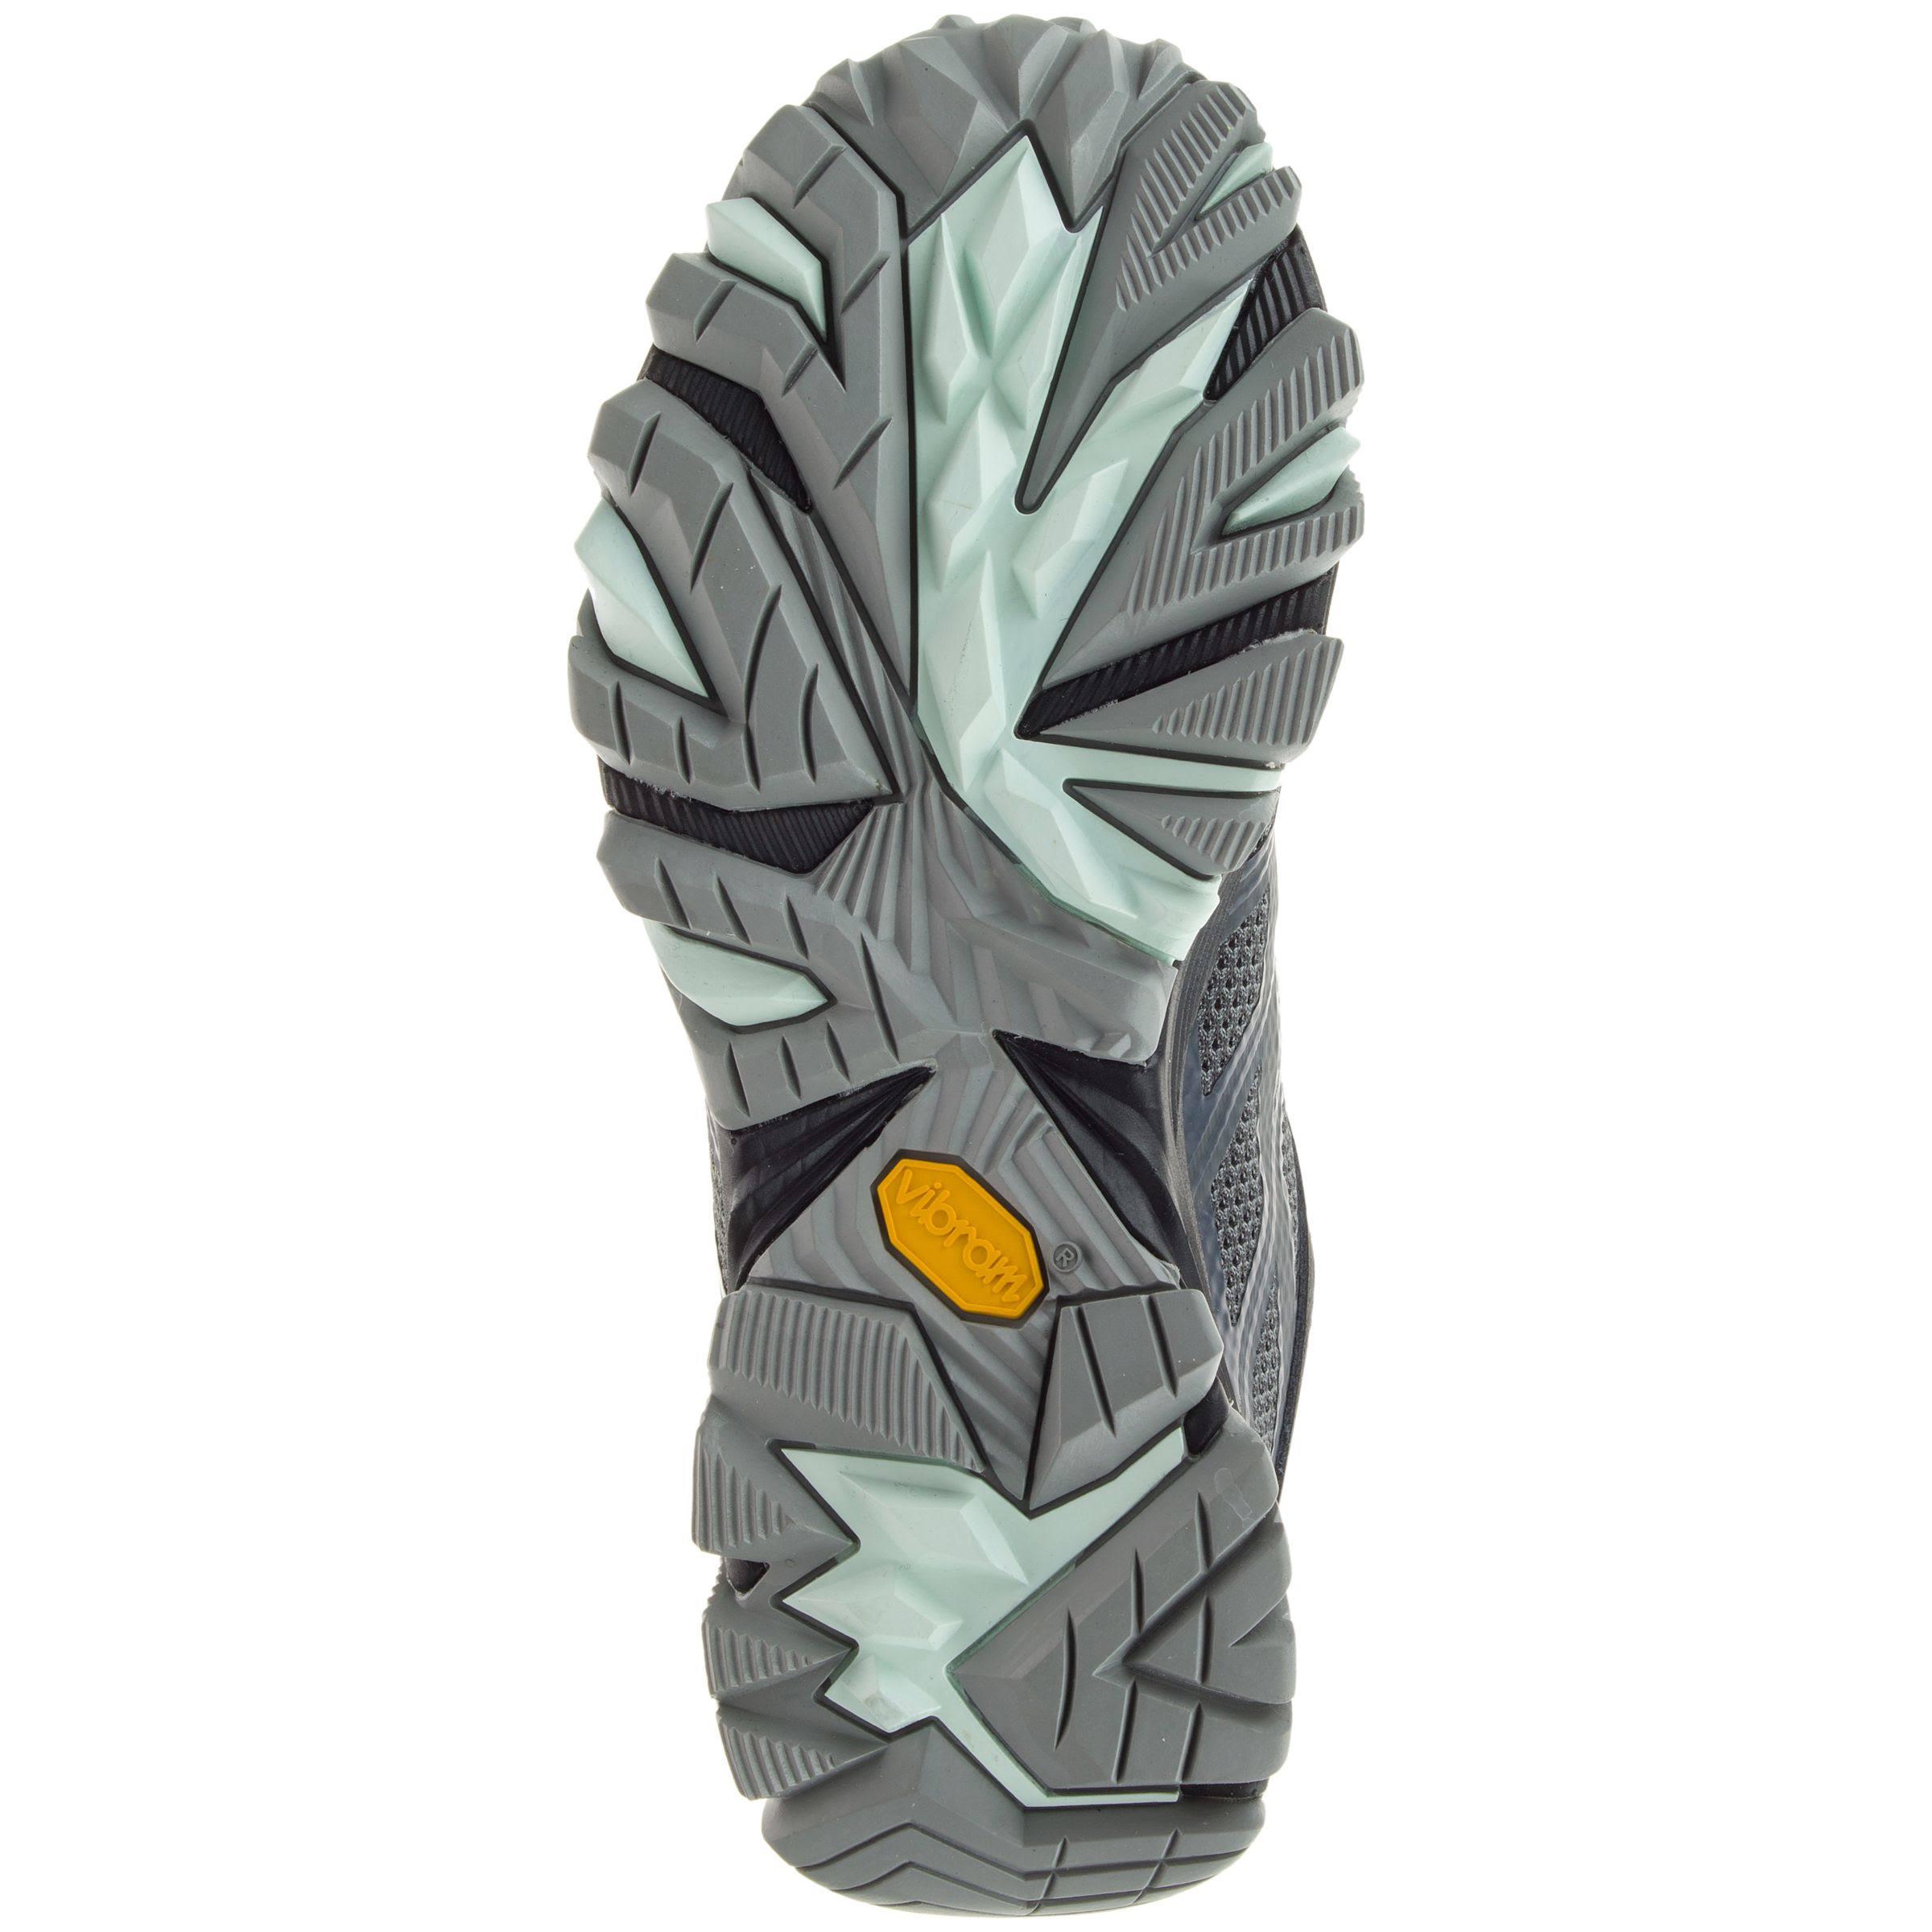 De Marche Gris Femmes Chaussures Merrell Moab Fst Granit Gtx wvqSXPF